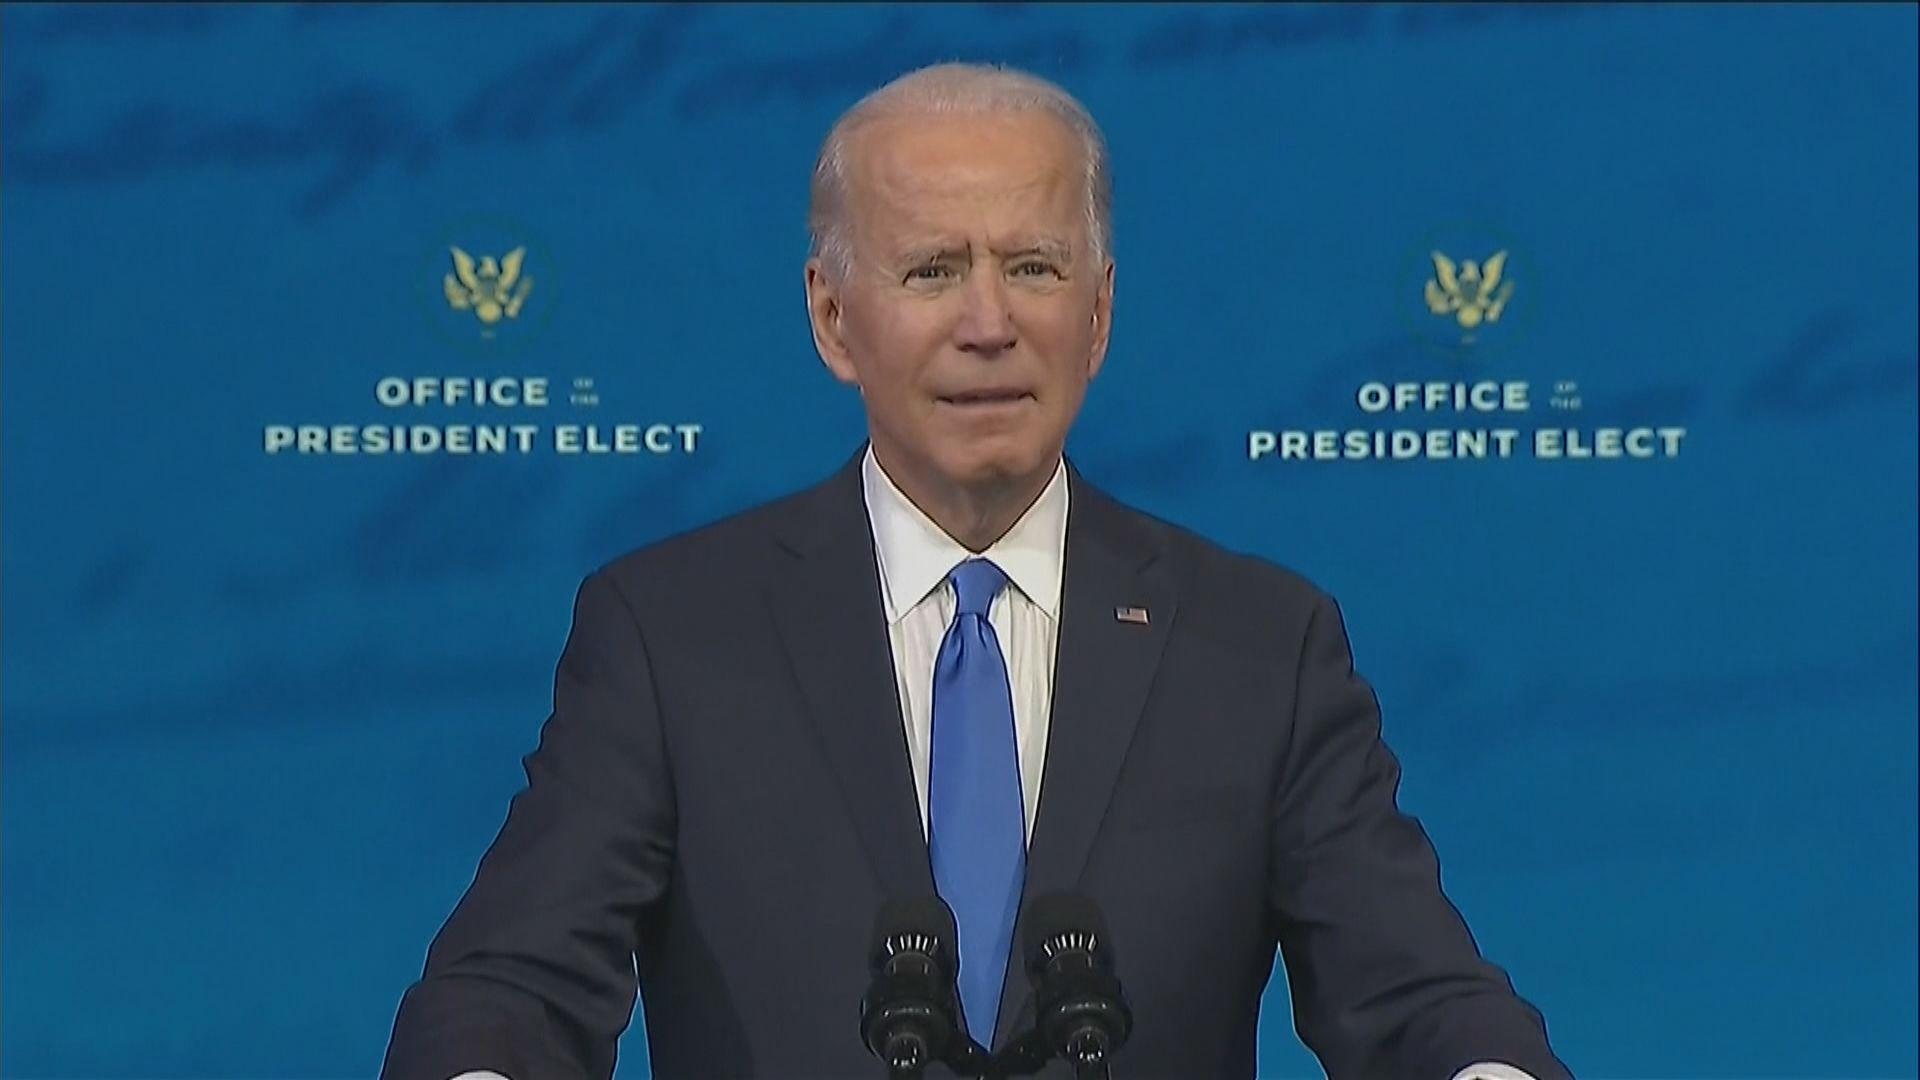 拜登當選美國總統發表全國演說 籲民眾團結一致